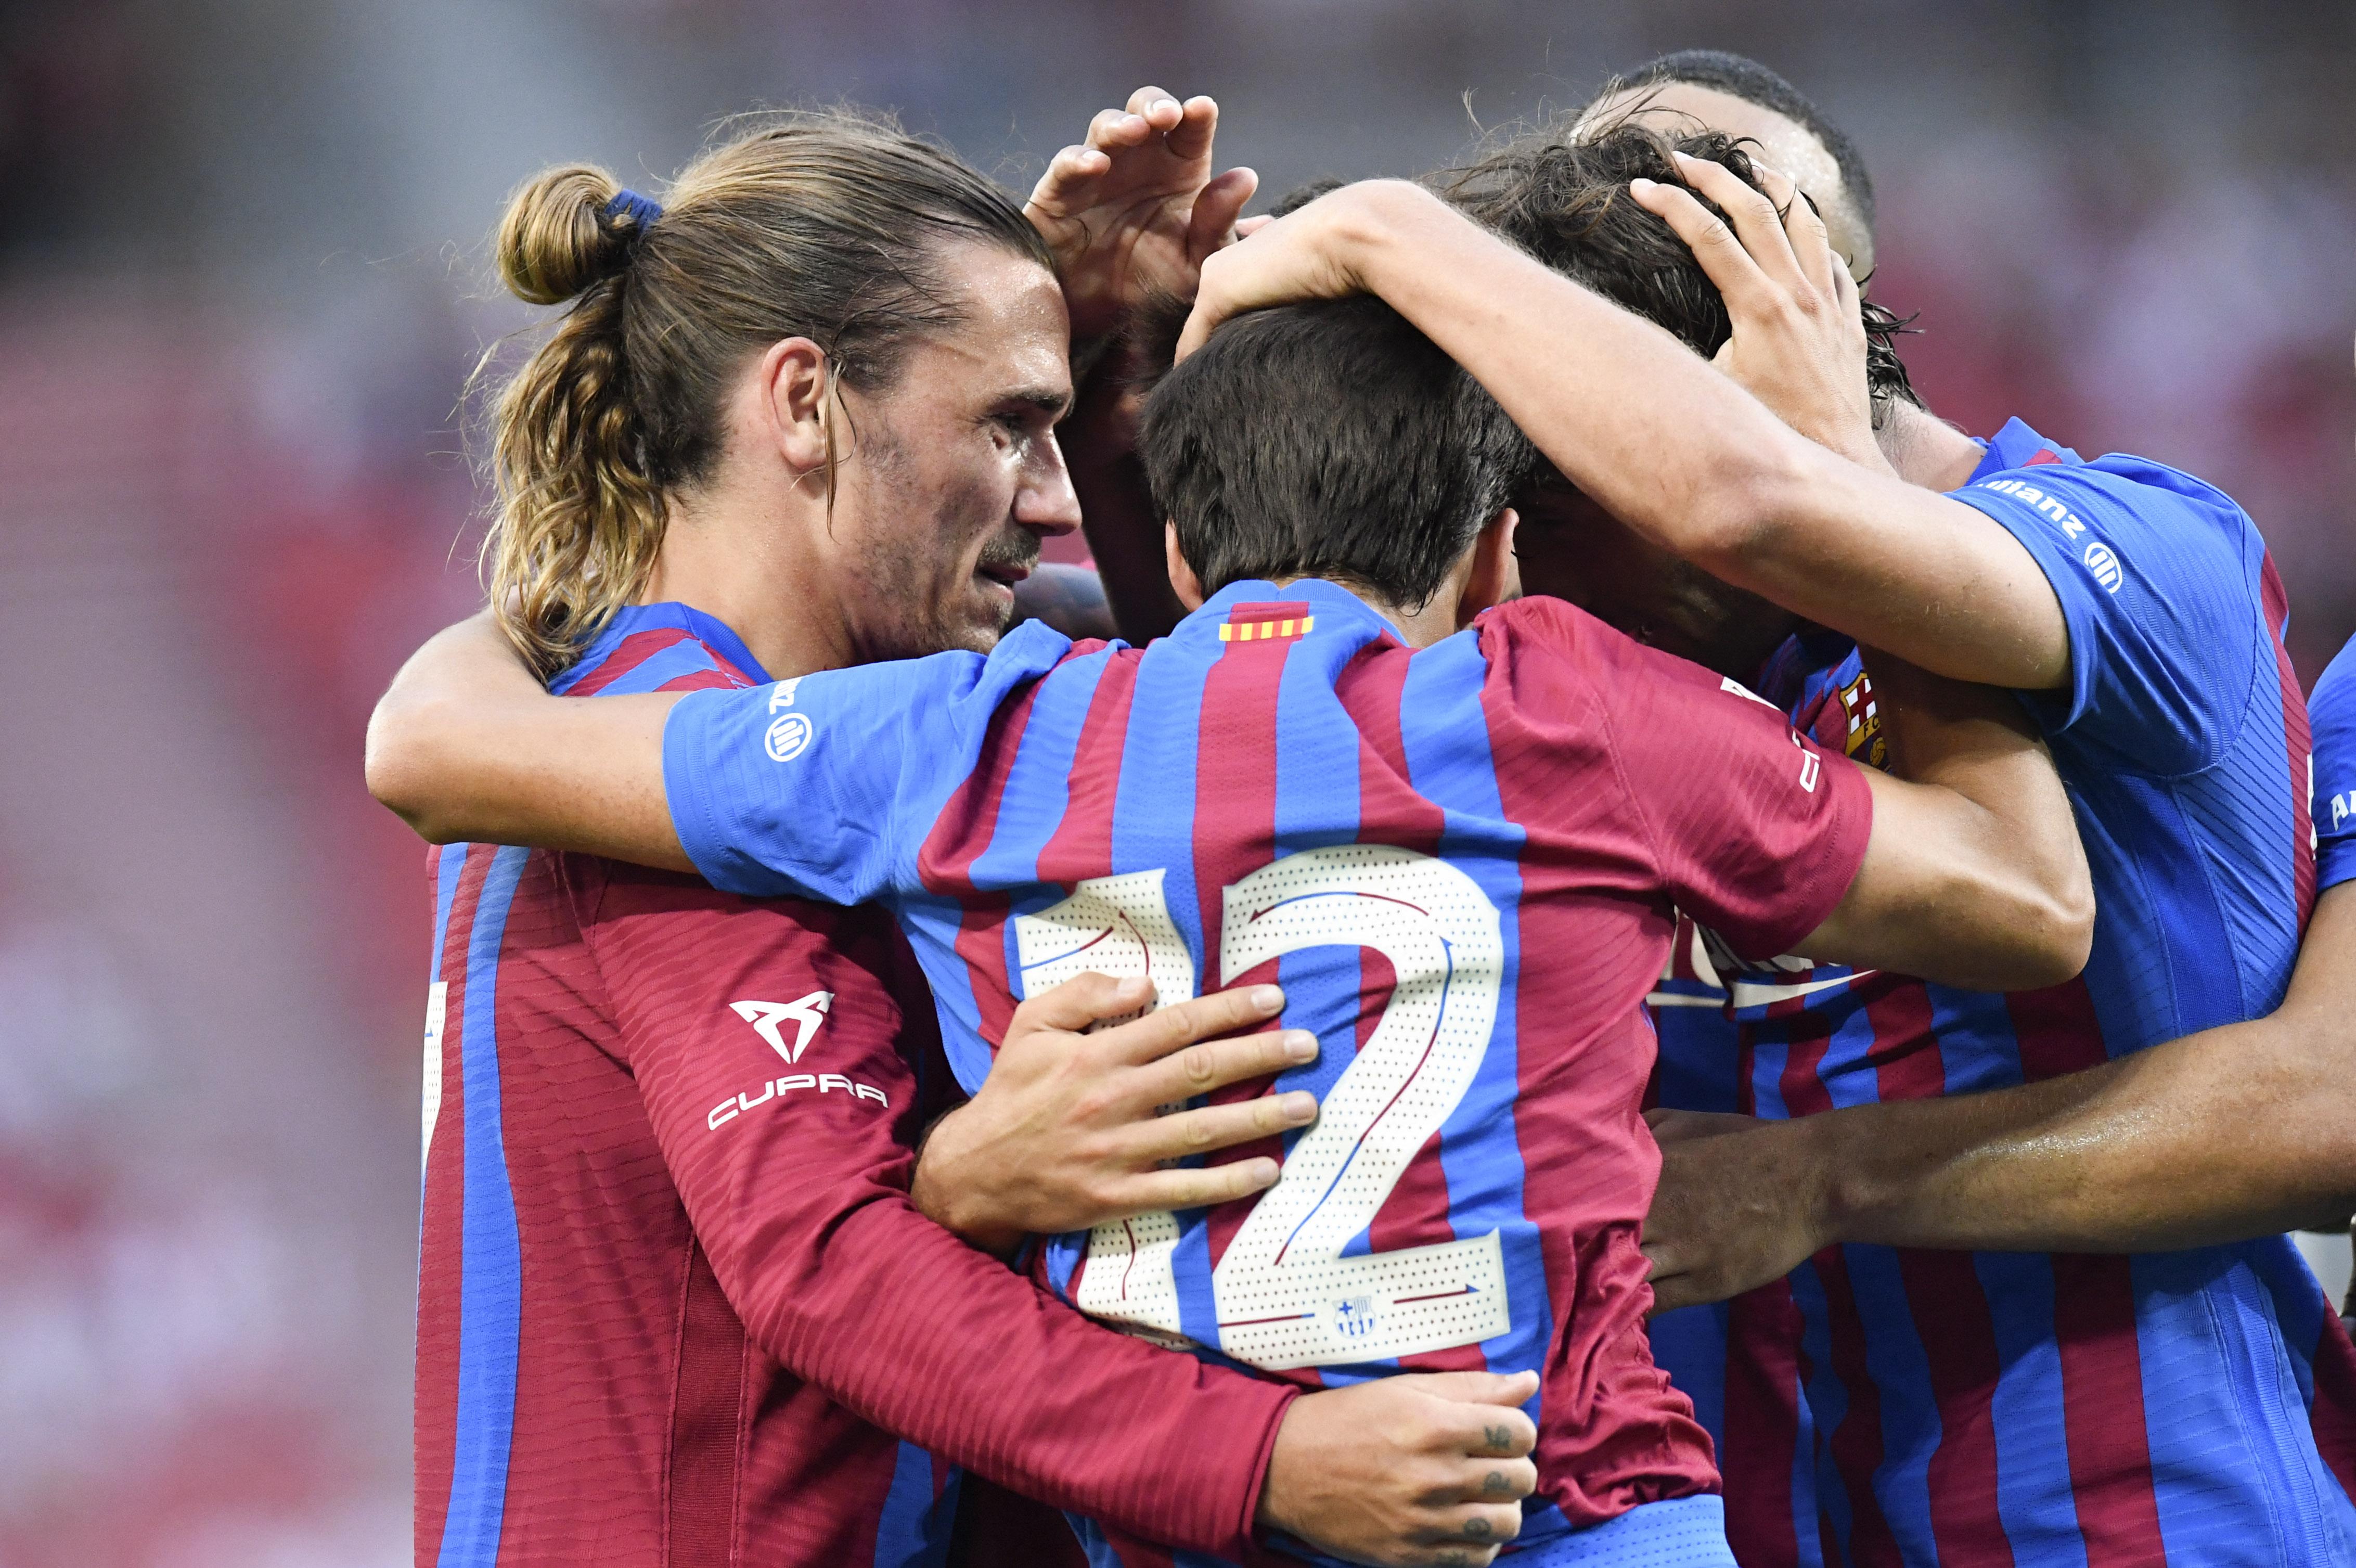 ملخص مباراة برشلونة ويوفنتوس في كأس خوان جامبر